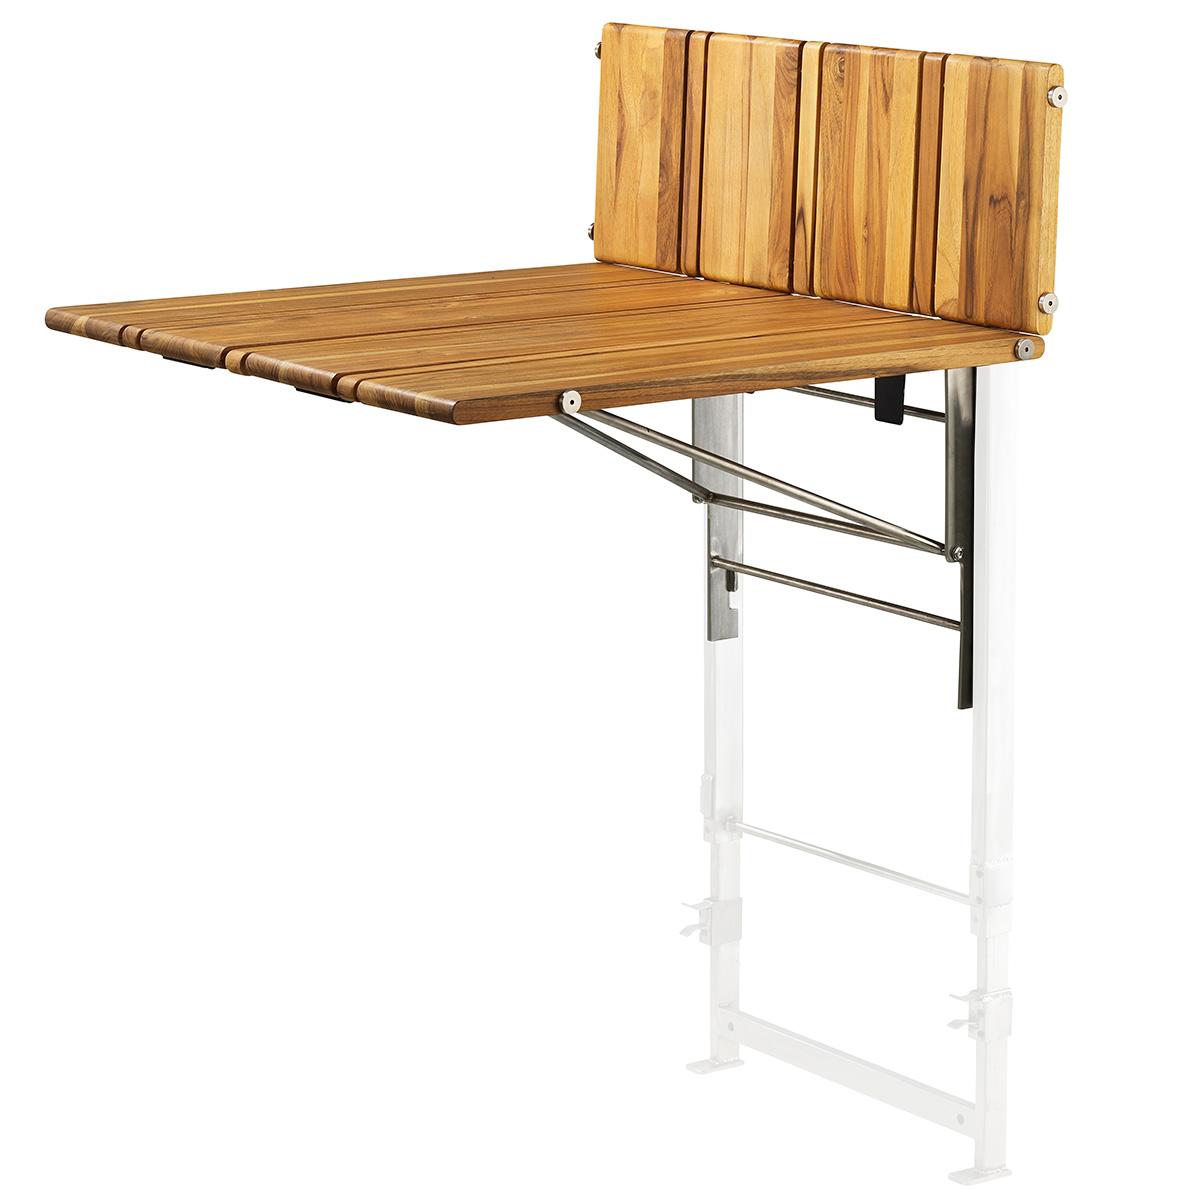 sammenklappeligt bord Upon bord   Teaktræ Sammenklappeligt møbel til altanen   Coop.dk sammenklappeligt bord